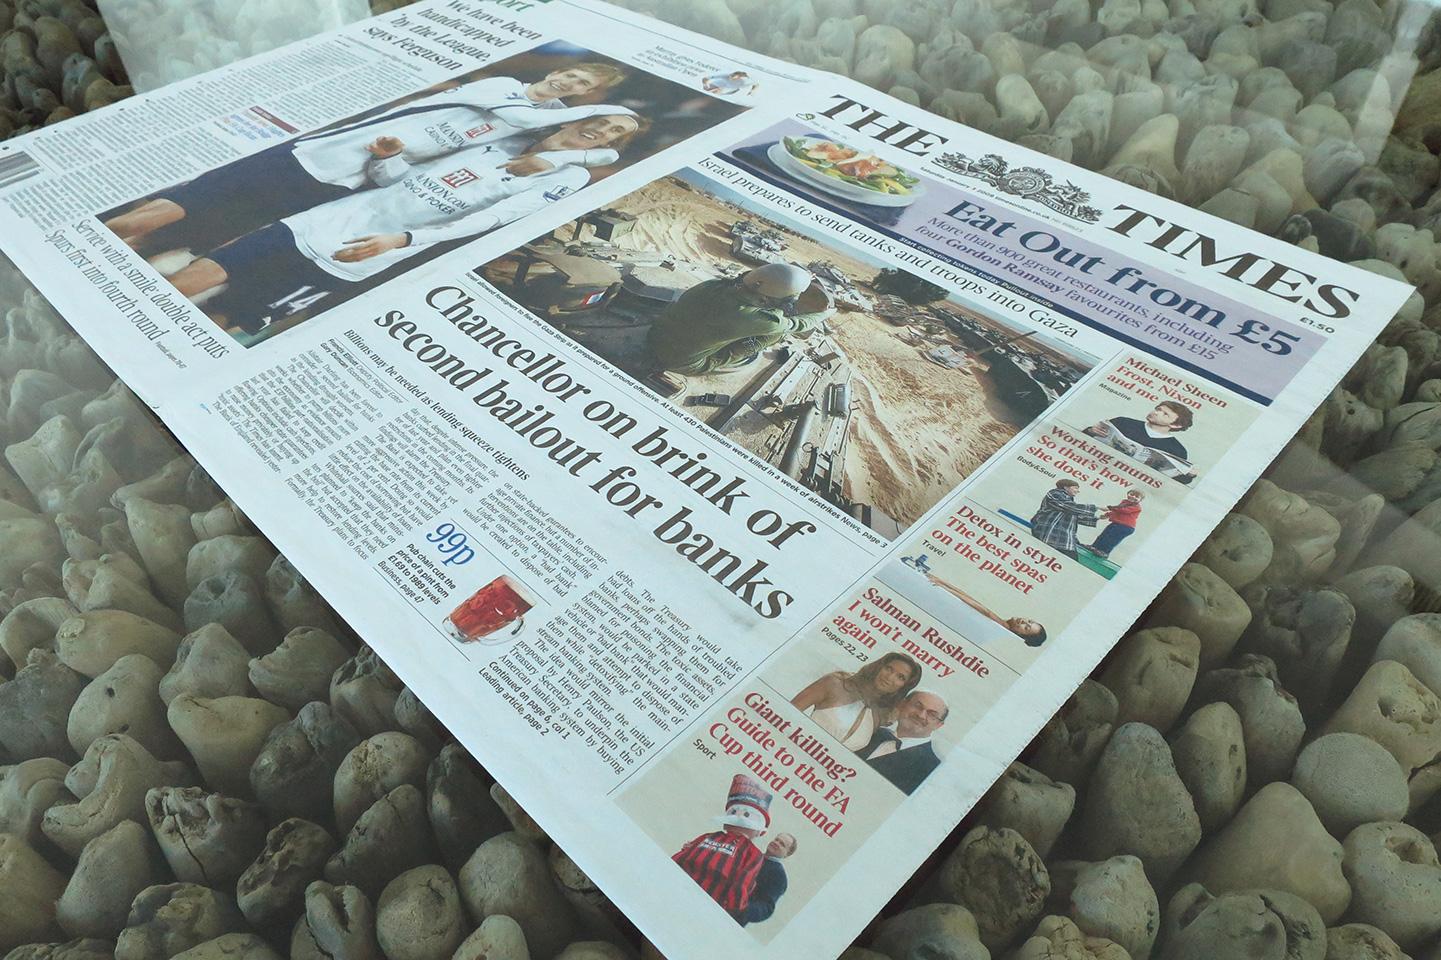 Genesis Block Newspaper Copies